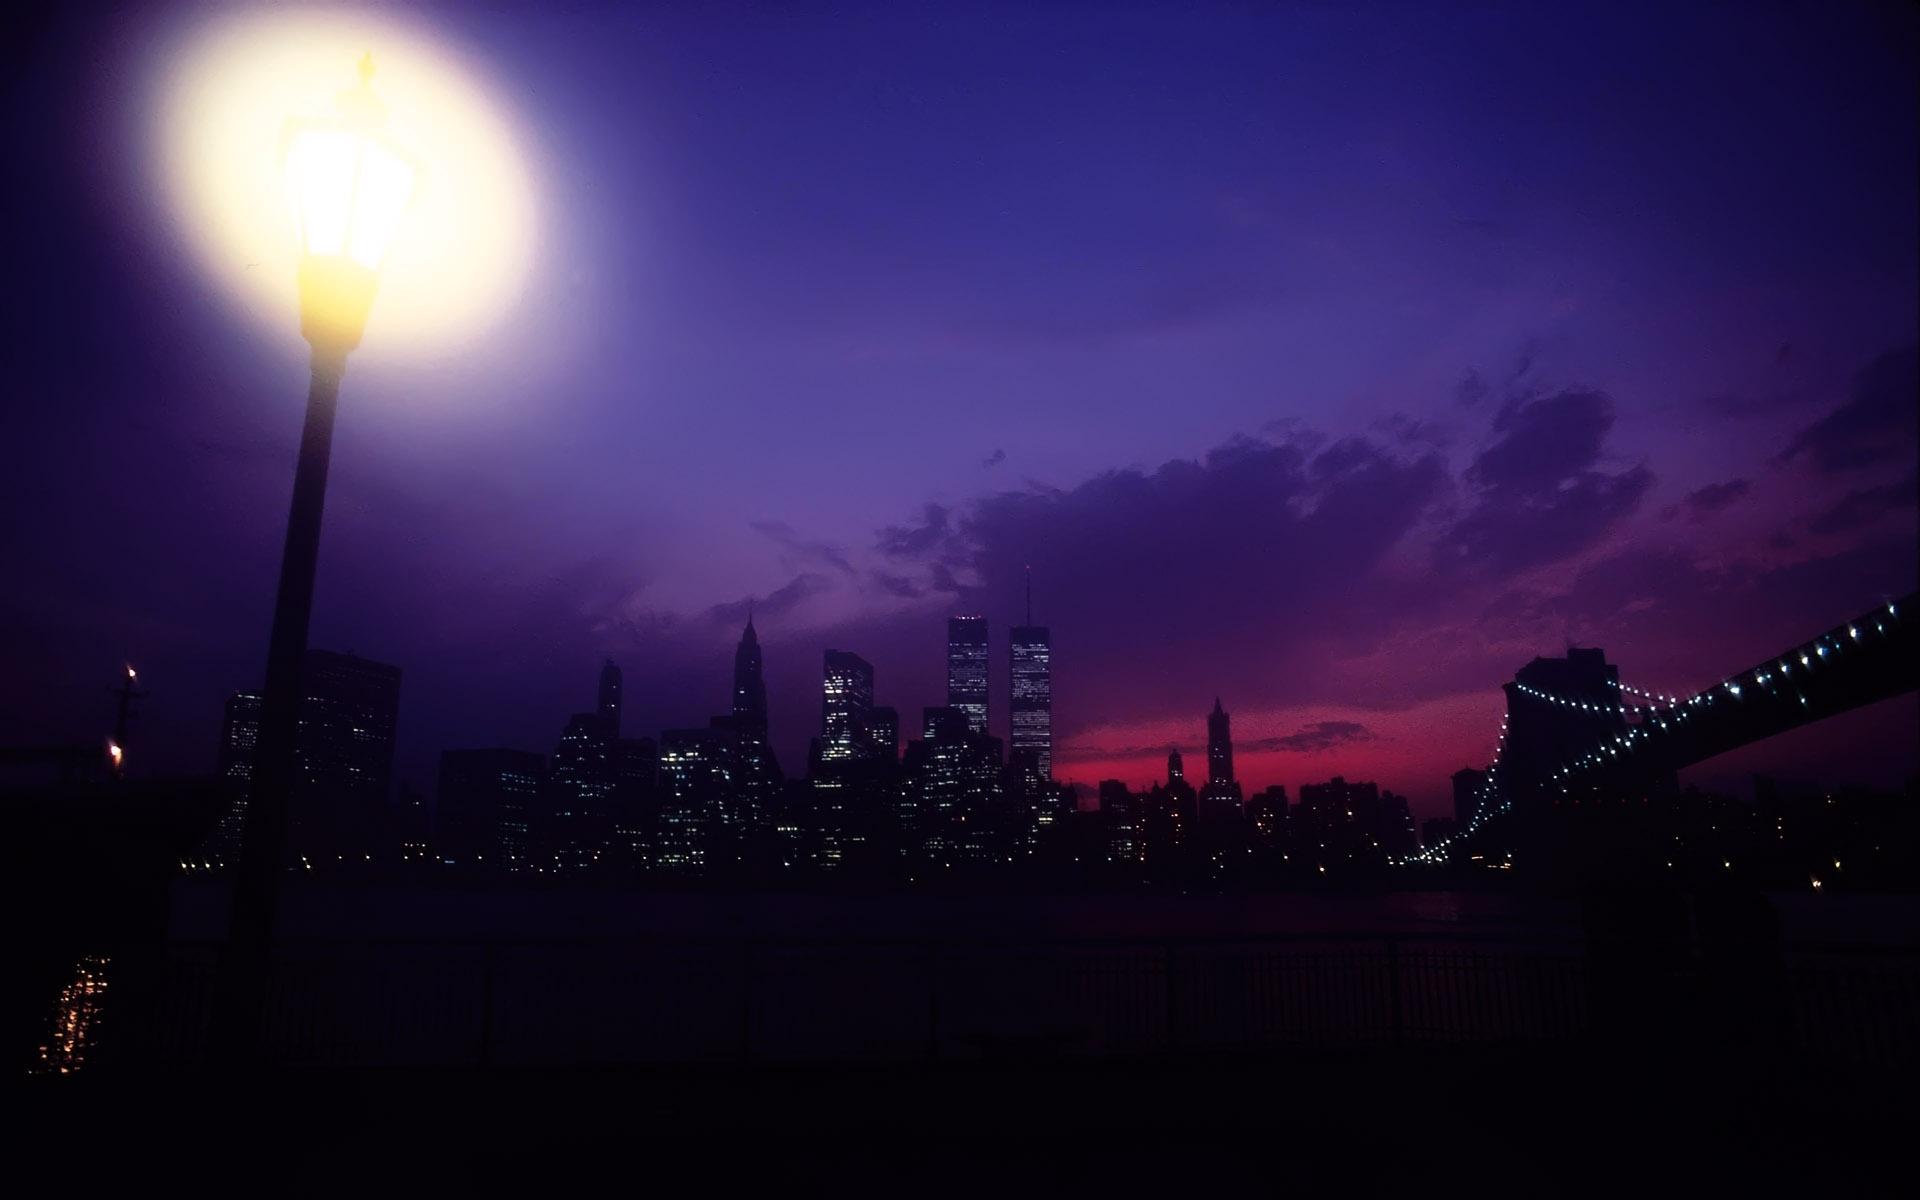 фотообои ночного нью йорка: